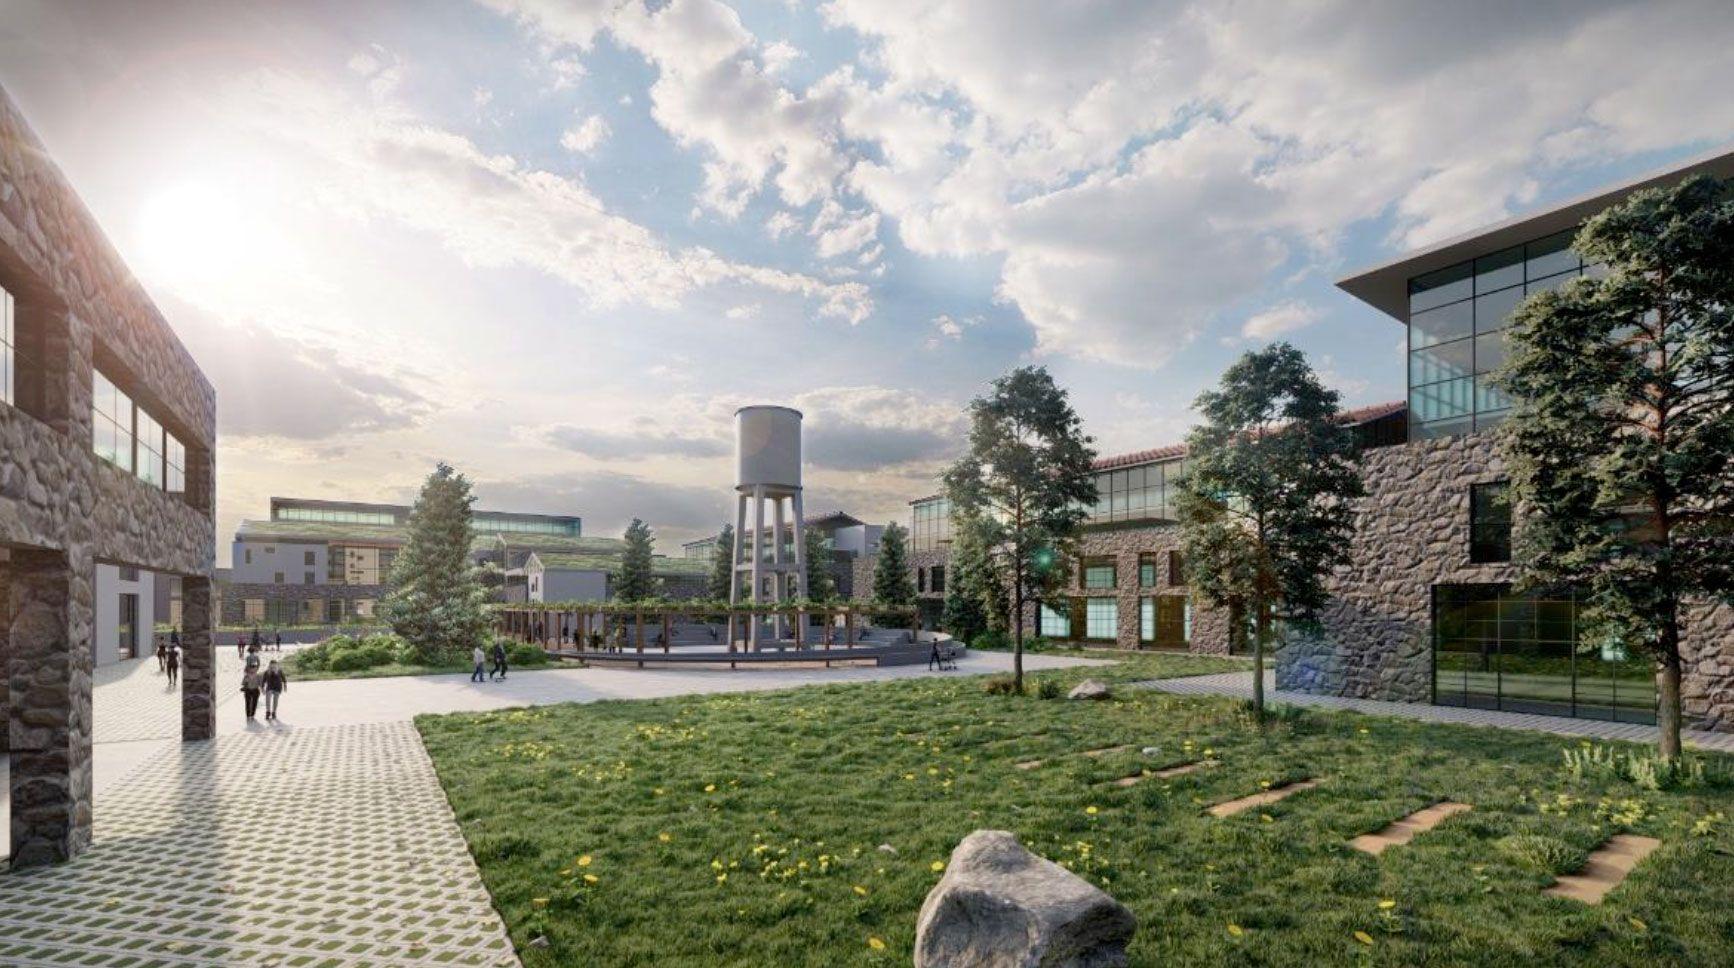 Η νέα Πολιτεία Καινοτομίας που θα δημιουργηθεί στο πρώην ακίνητο της ΧΡΩΠΕΙ στην Πειραιώς - Εικόνα: Υπουργείο Ανάπτυξης & Επενδύσεων